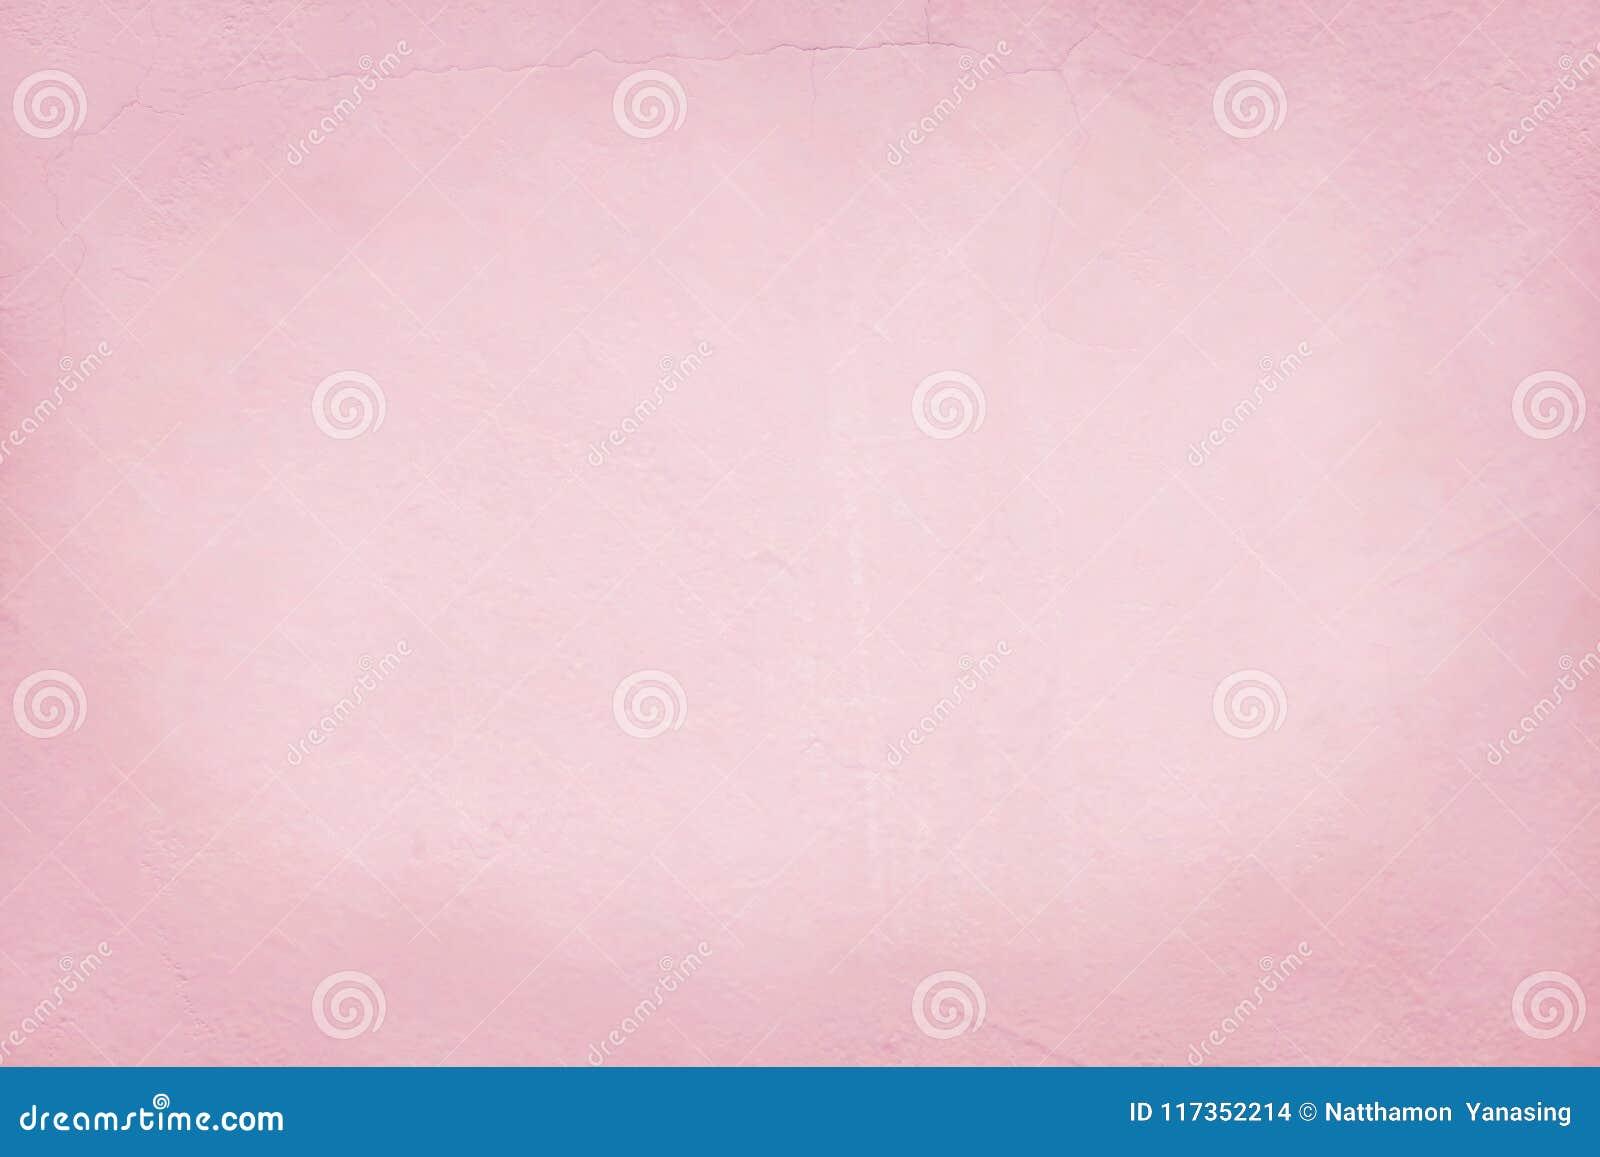 背景和设计书刊上的图片的桃红色水泥墙壁纹理